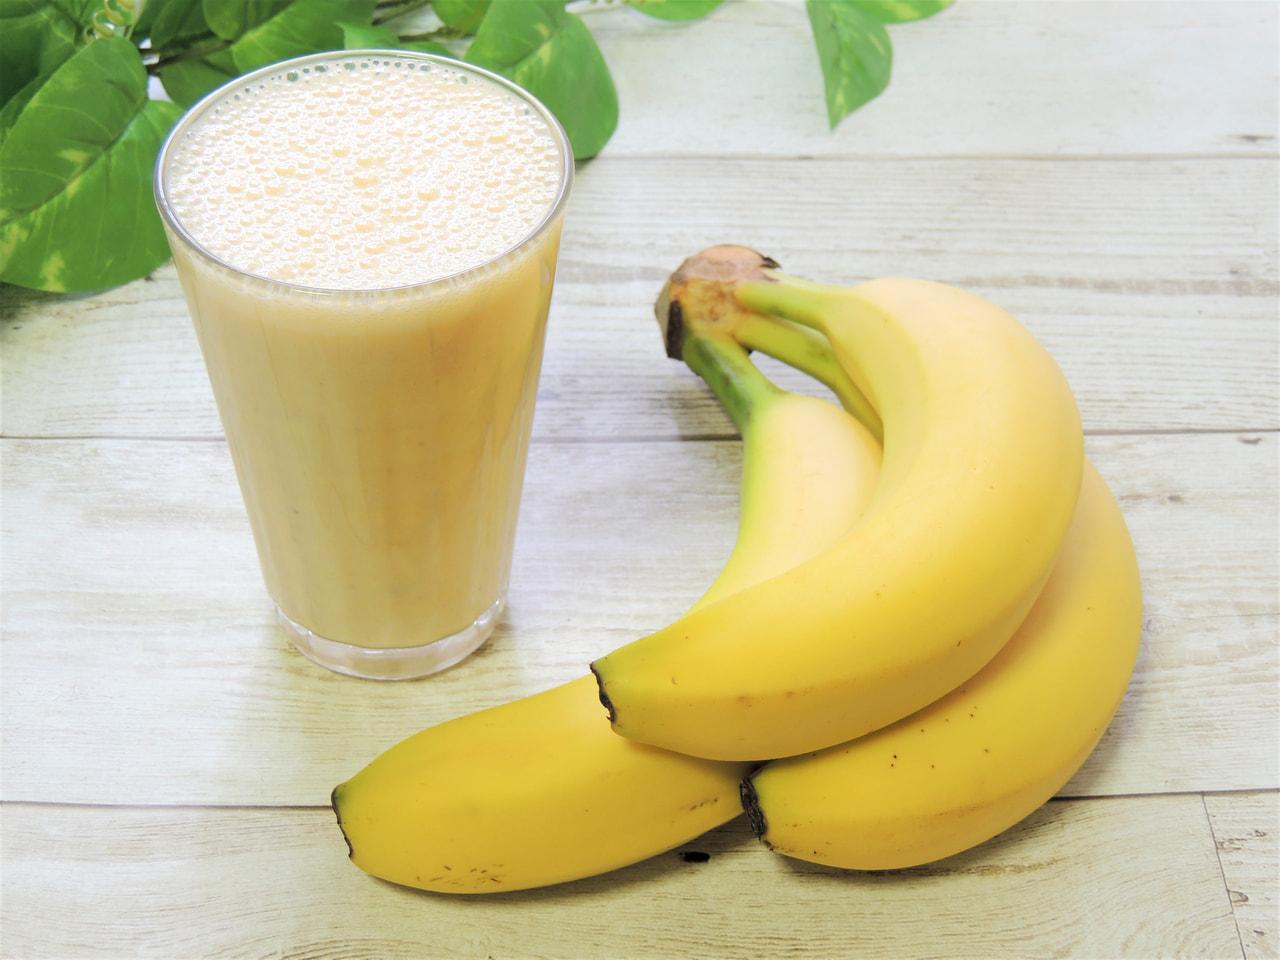 おすすめレシピ⑭【タピオカに次ぐ大注目ドリンクのバナナジュース♪】